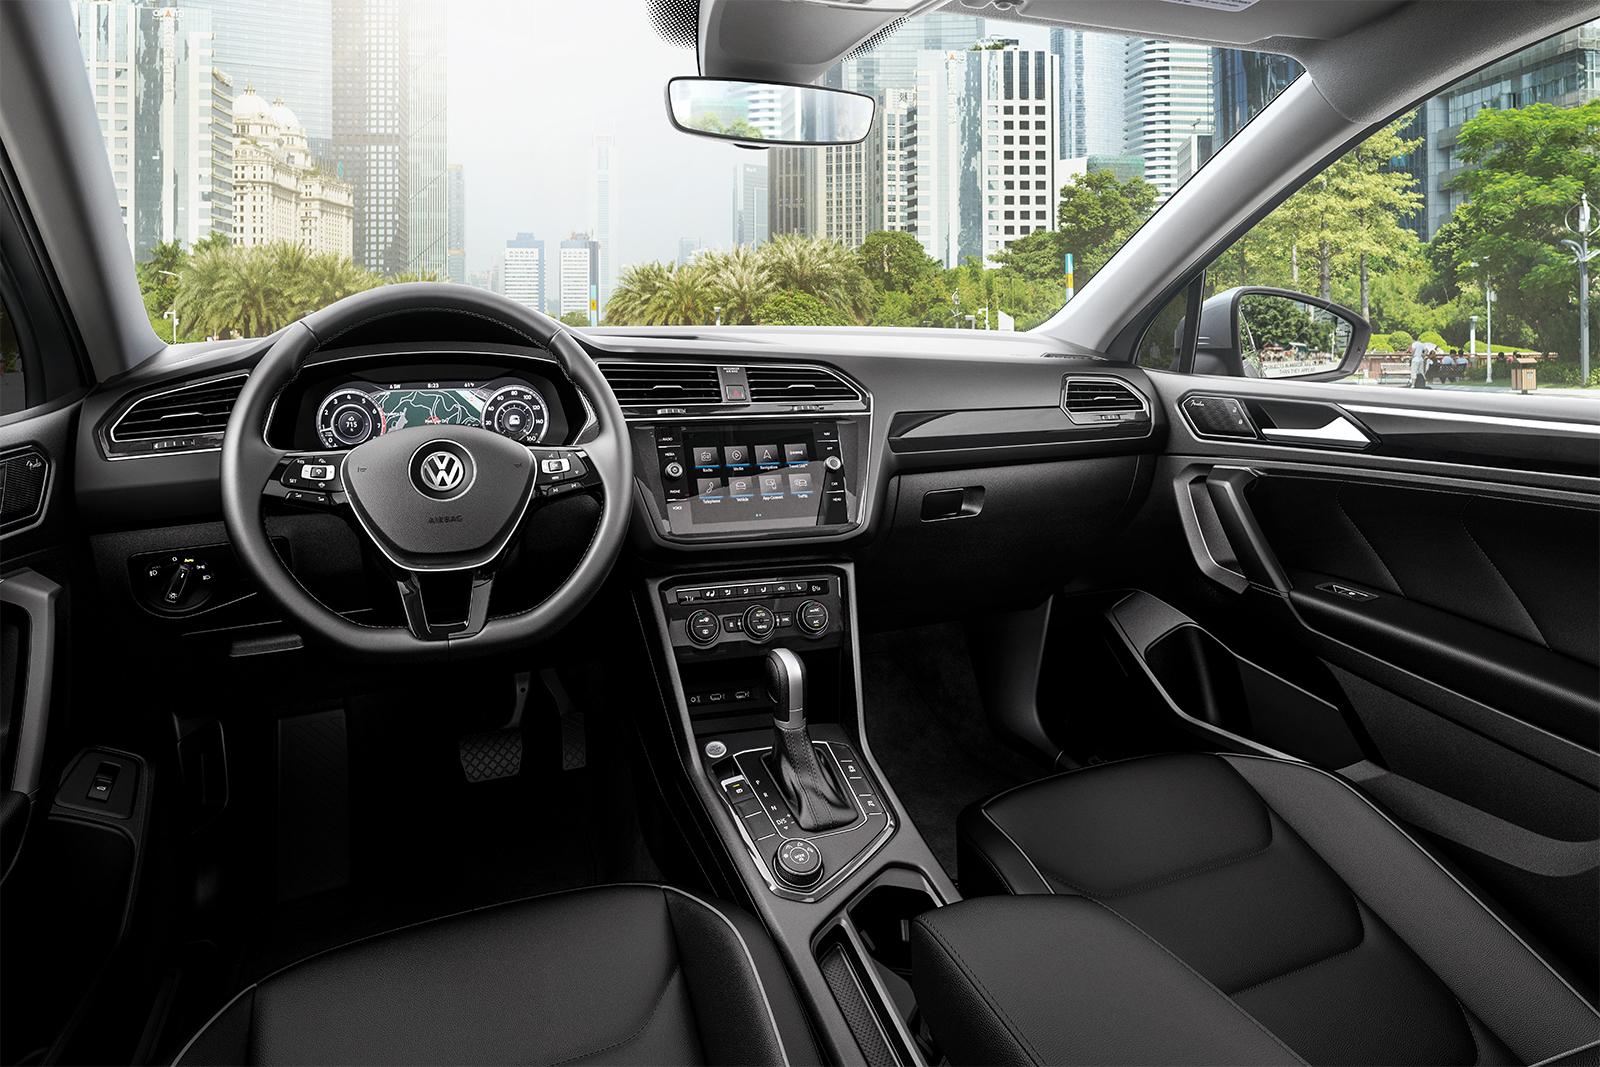 El interior de la Volkswagen Tiguan 2019 tiene una distribución óptima de controles